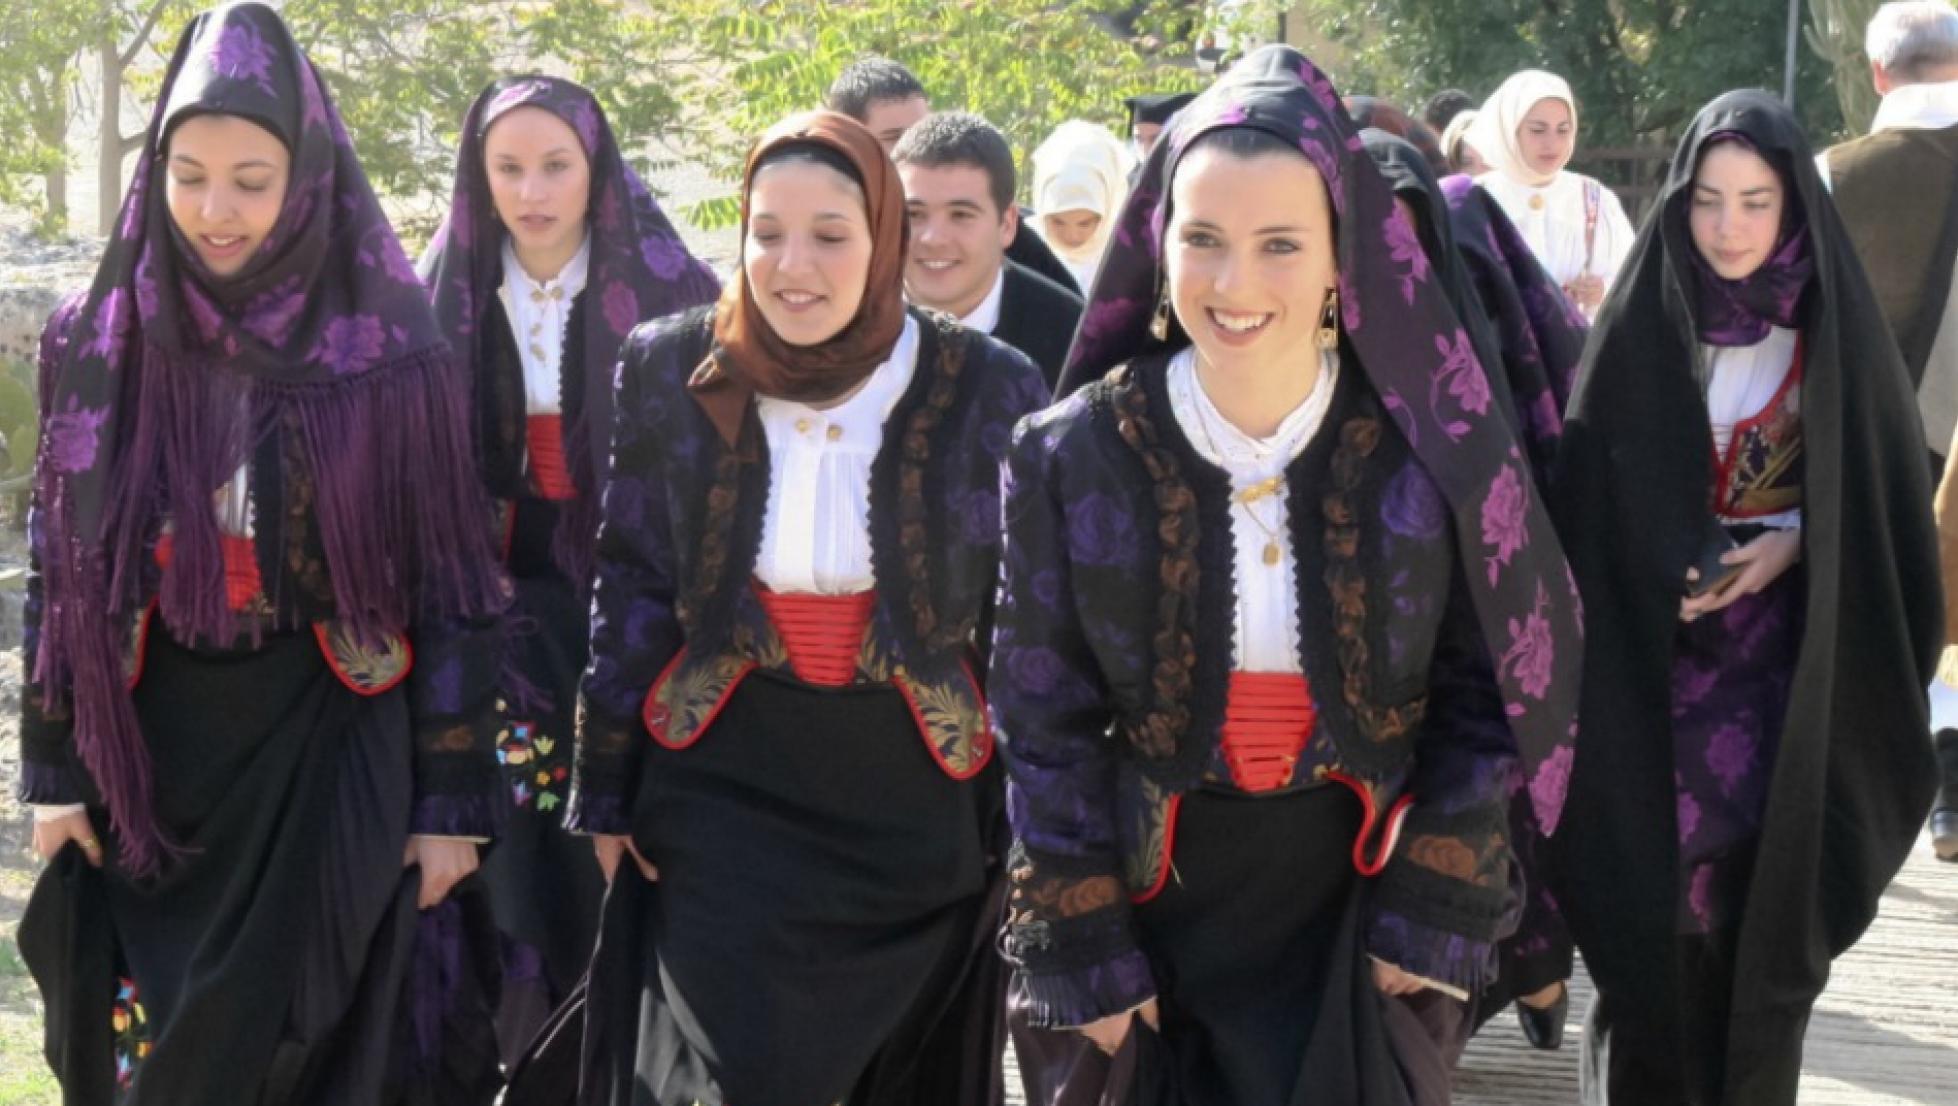 Donne di Tempio Pausania in abito tradizionale